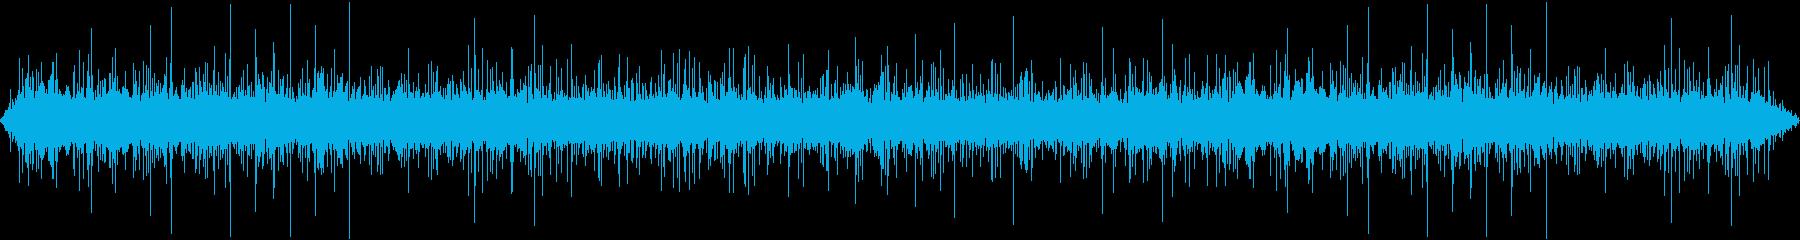 木製ポーチオーバーハング雨の激しい雨の再生済みの波形